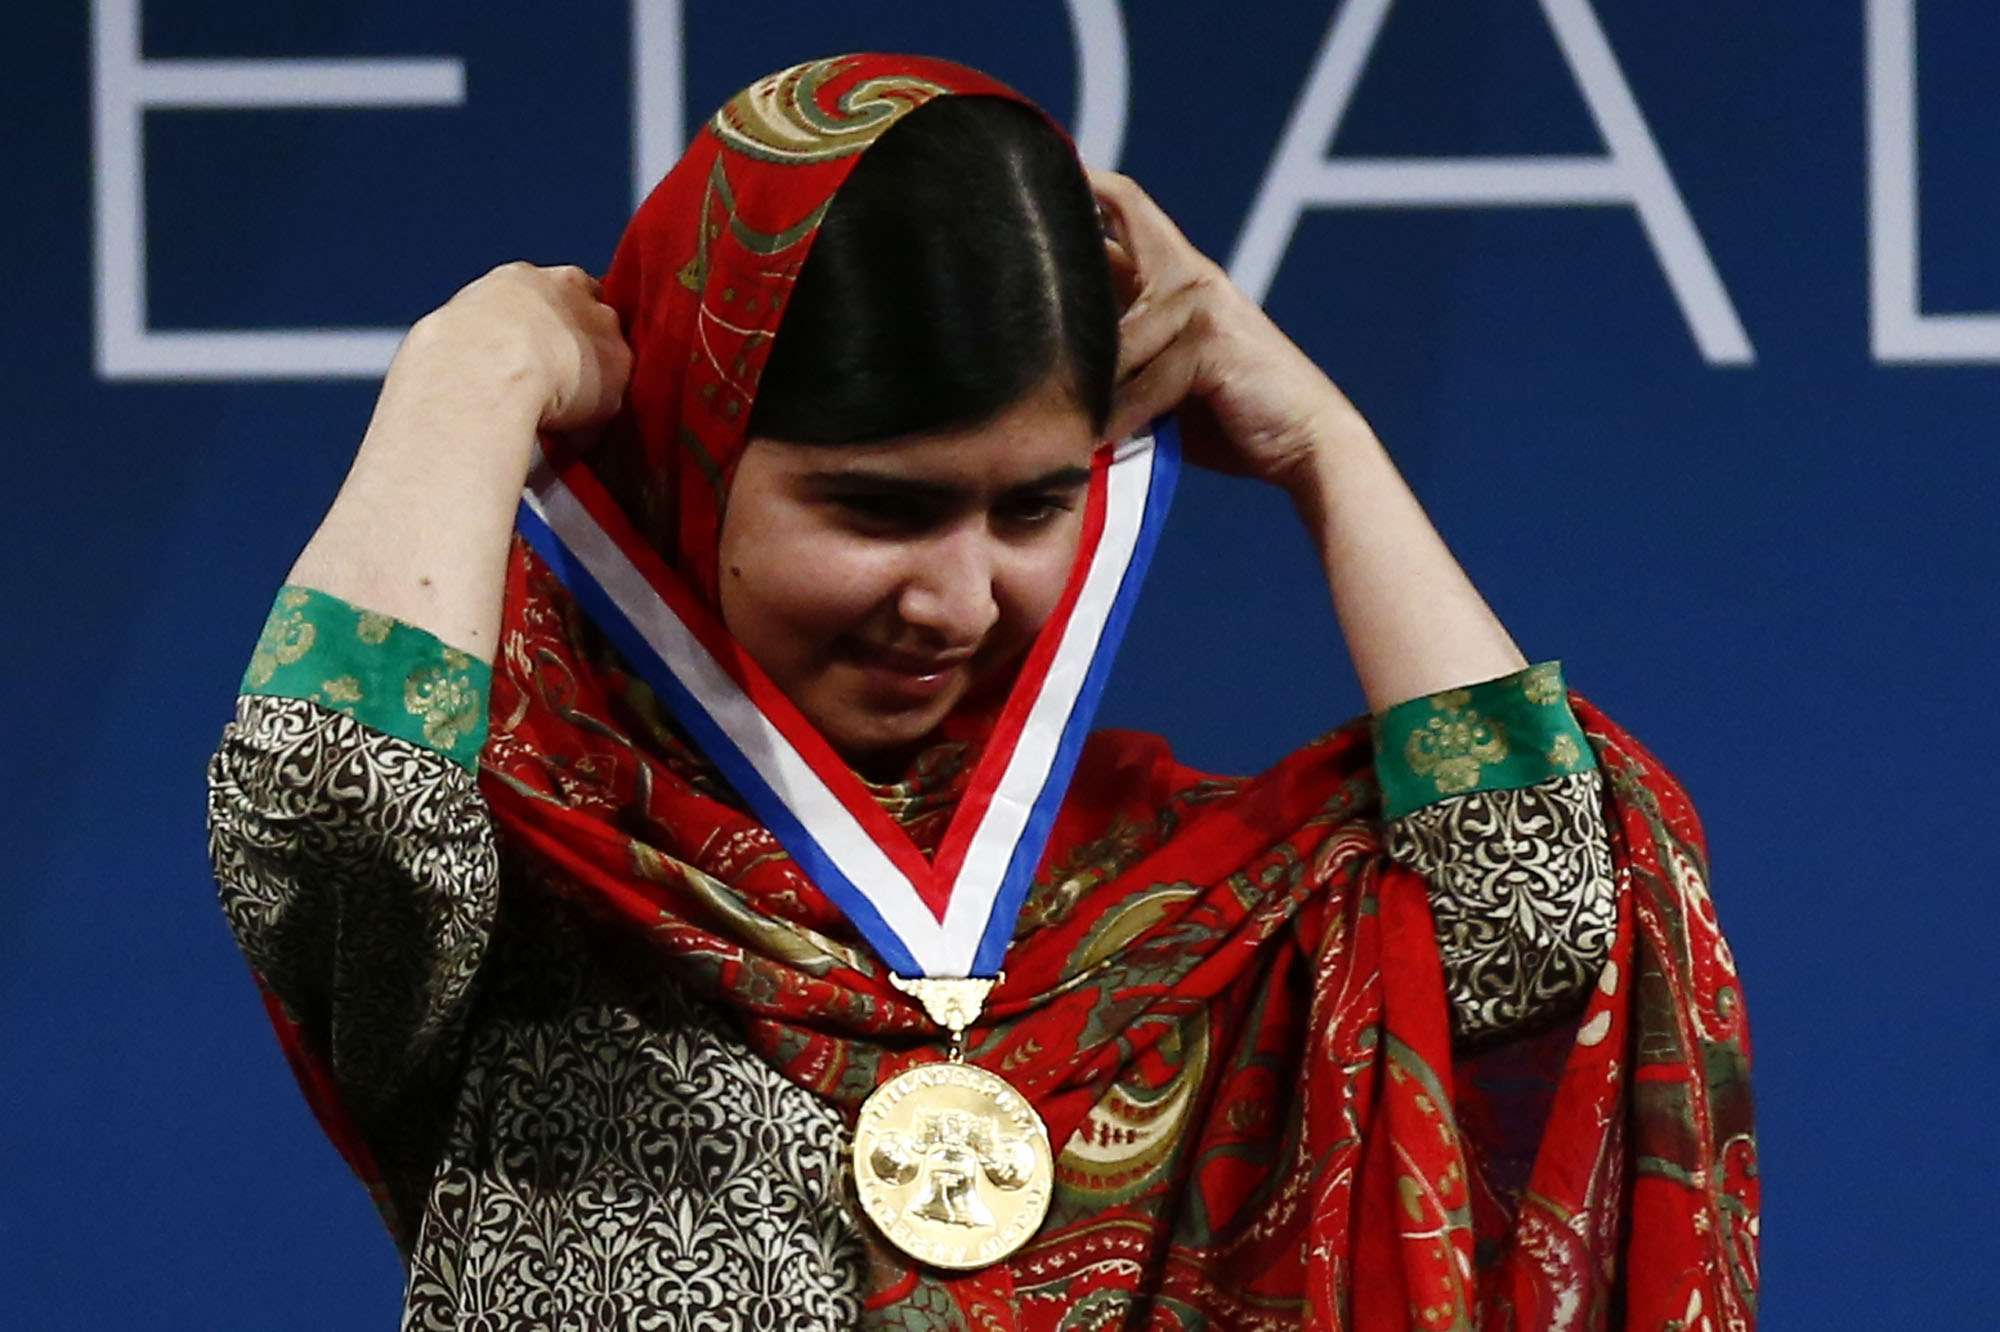 Malala ha pedido a los gobiernos a dejar de gastar dinero en armas e invertir en el futuro de los niños y jóvenes Foto: Matt Rourke/AP